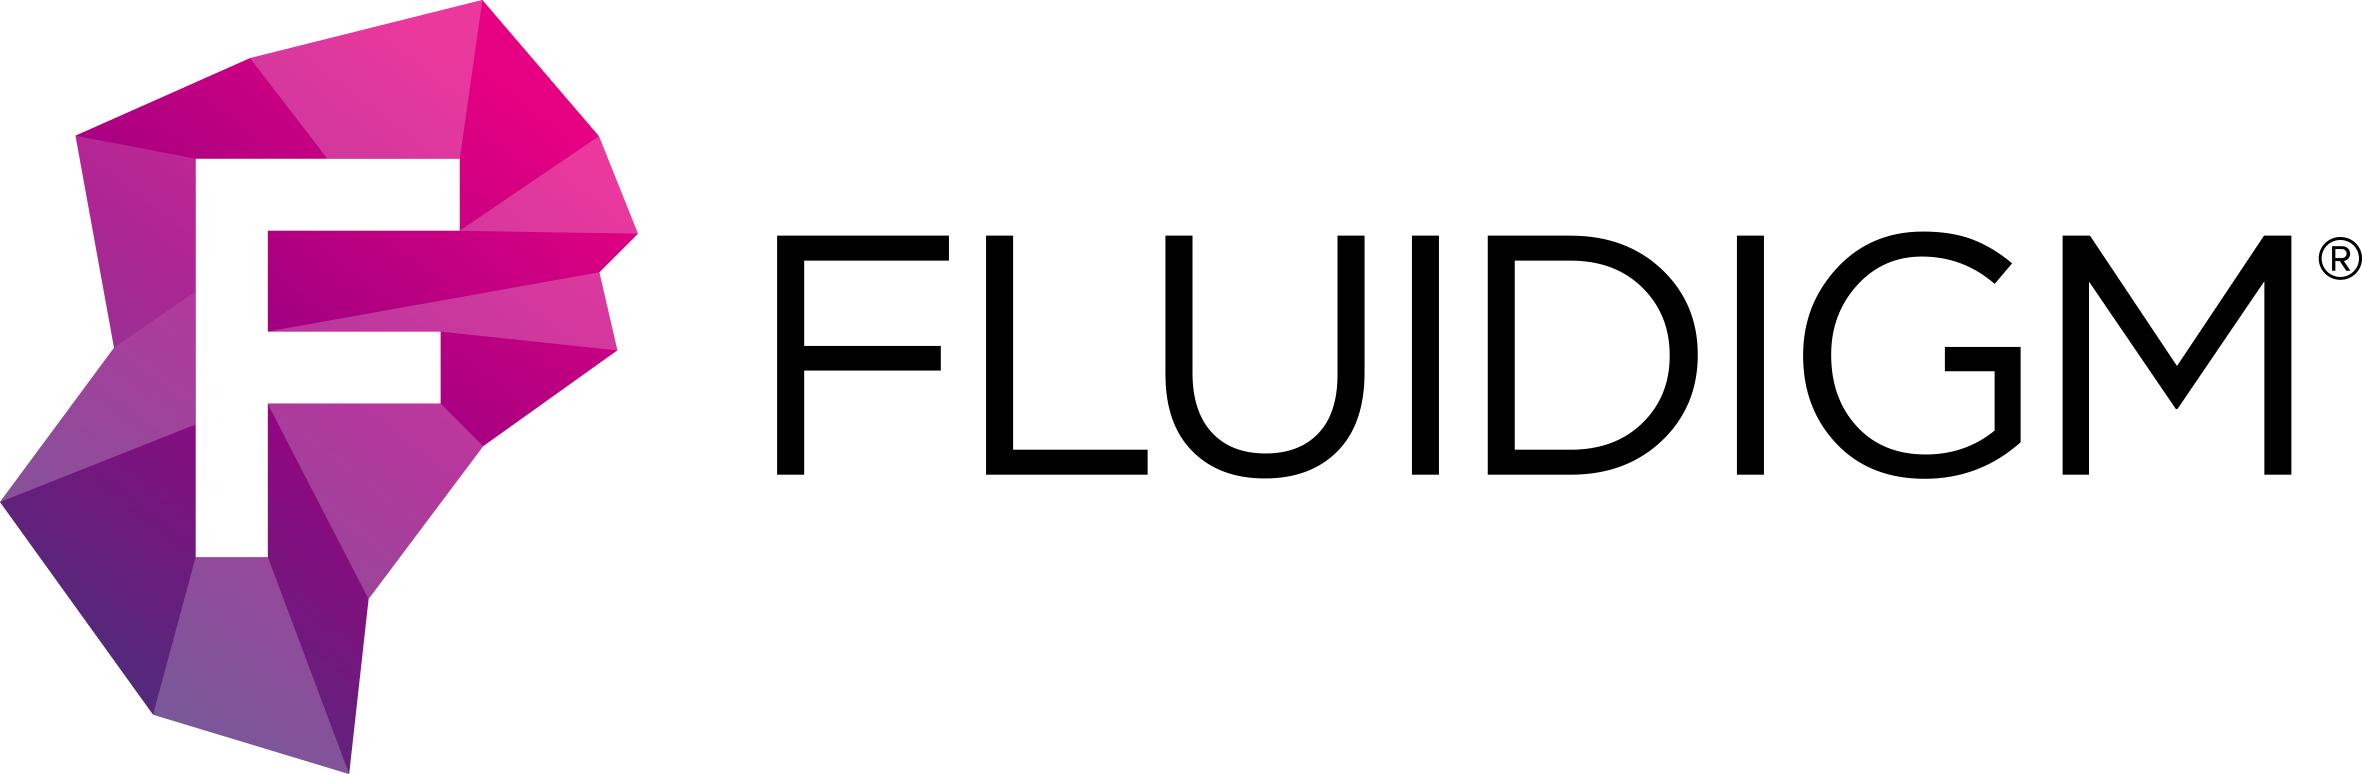 FLDM-20200630_G1.JPG